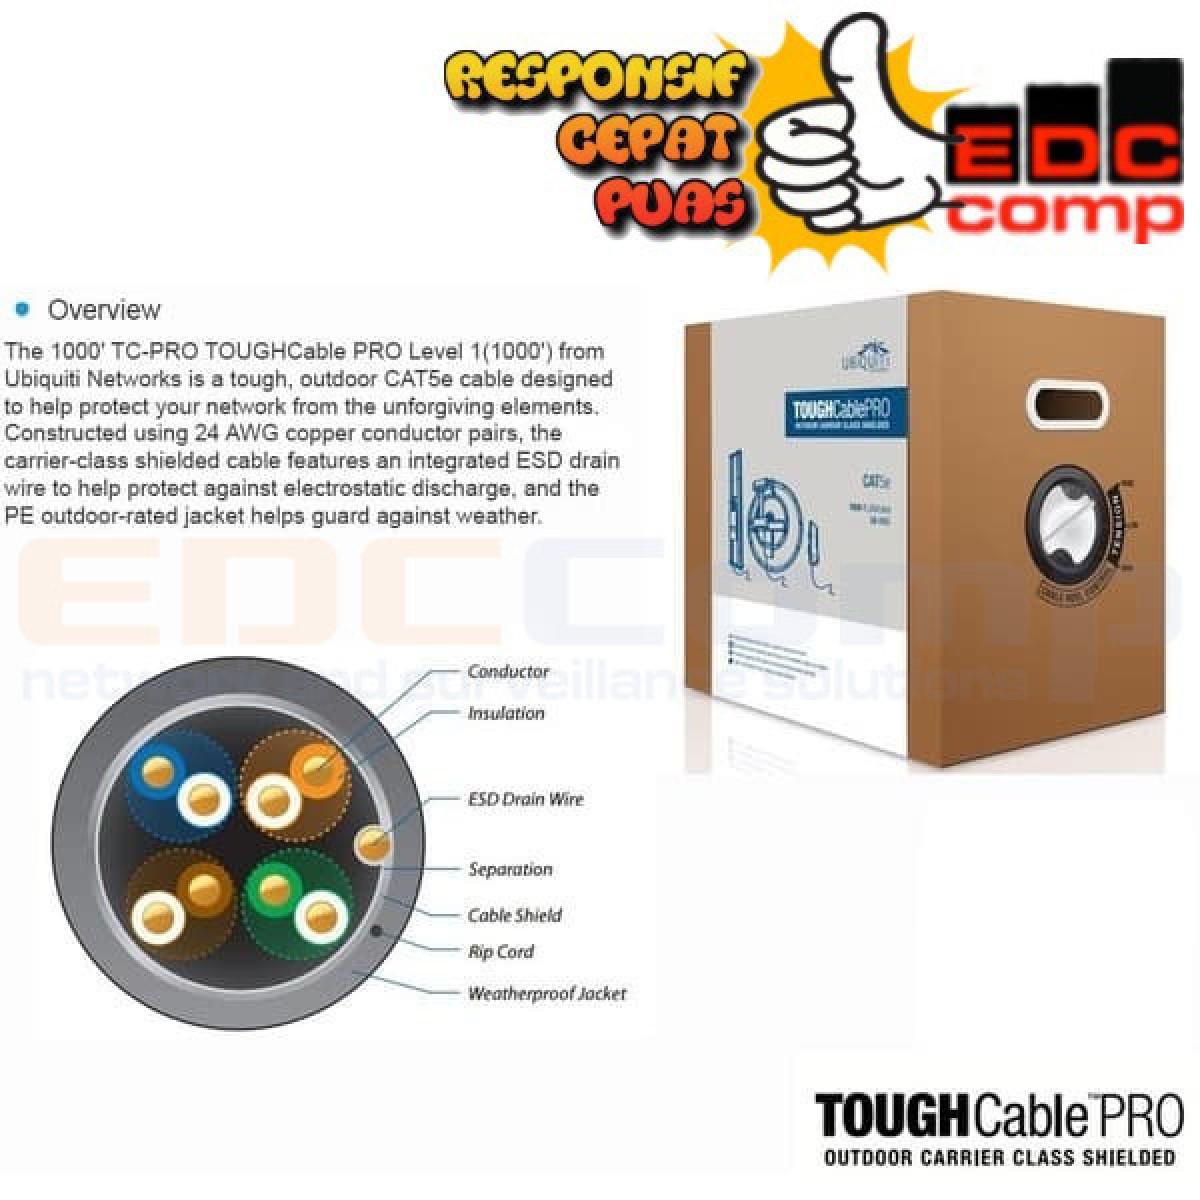 Ubiquiti TCPRO TOUGH Cable PRO Level 1 Outdoor CAT5e FTP (305m) - EdcComp